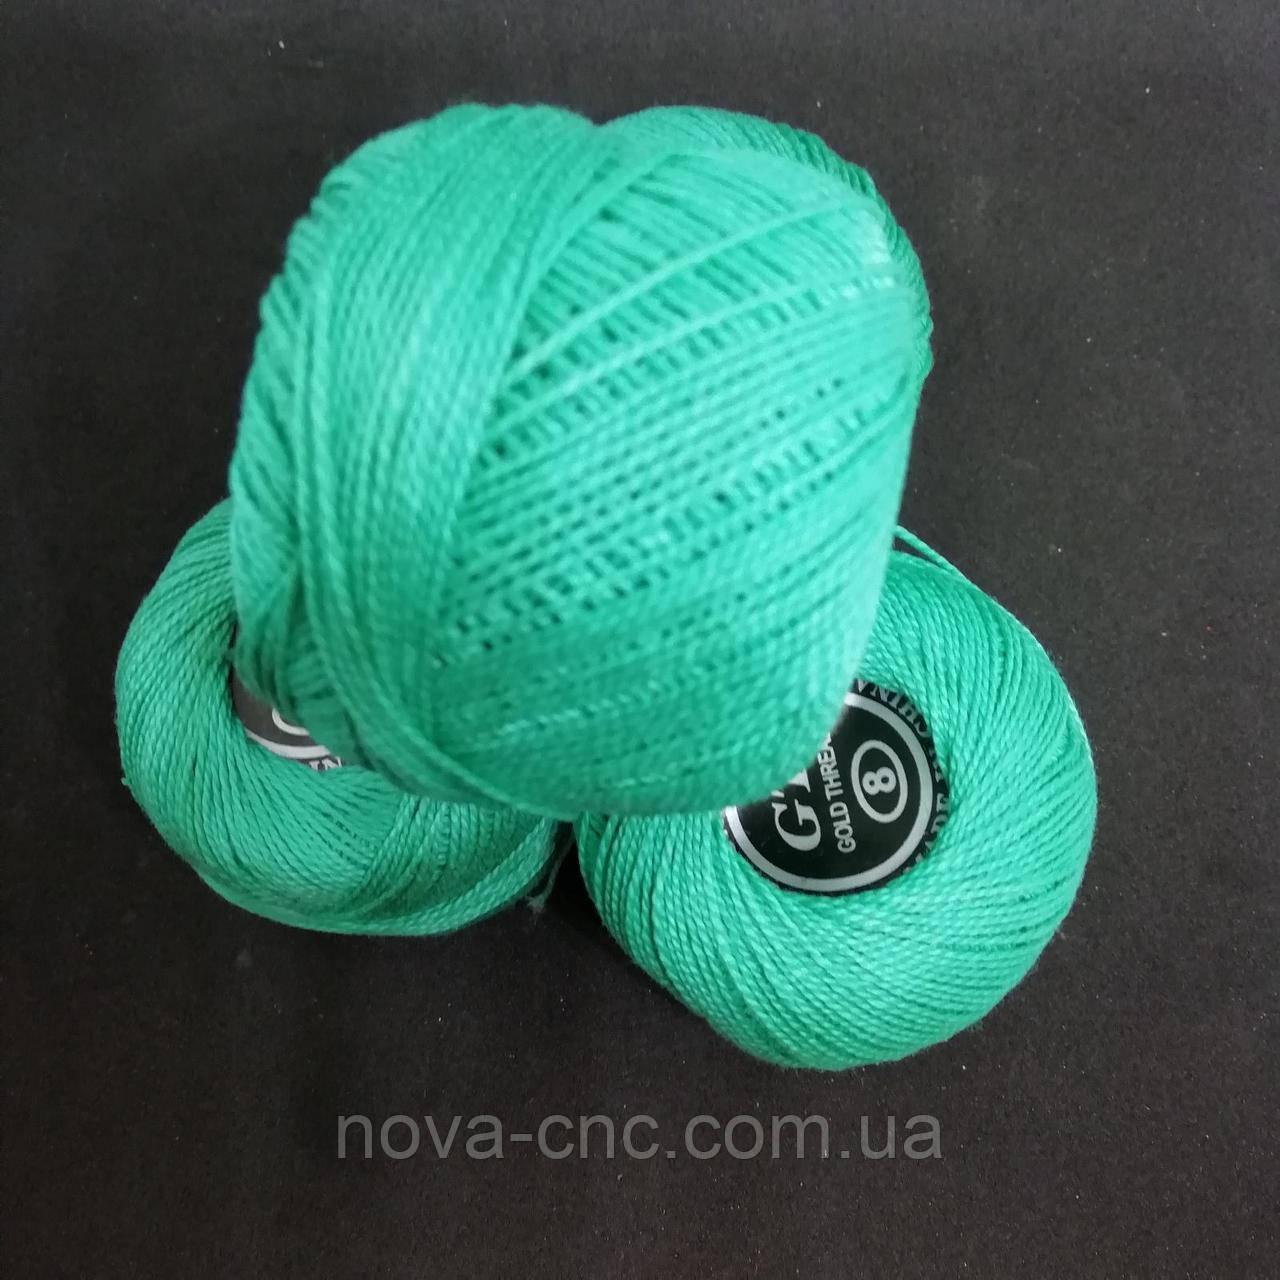 Хлопок Пряжа Ирис №8/ 10 грамм светло-зеленый Упаковка 10 штук Тон 606